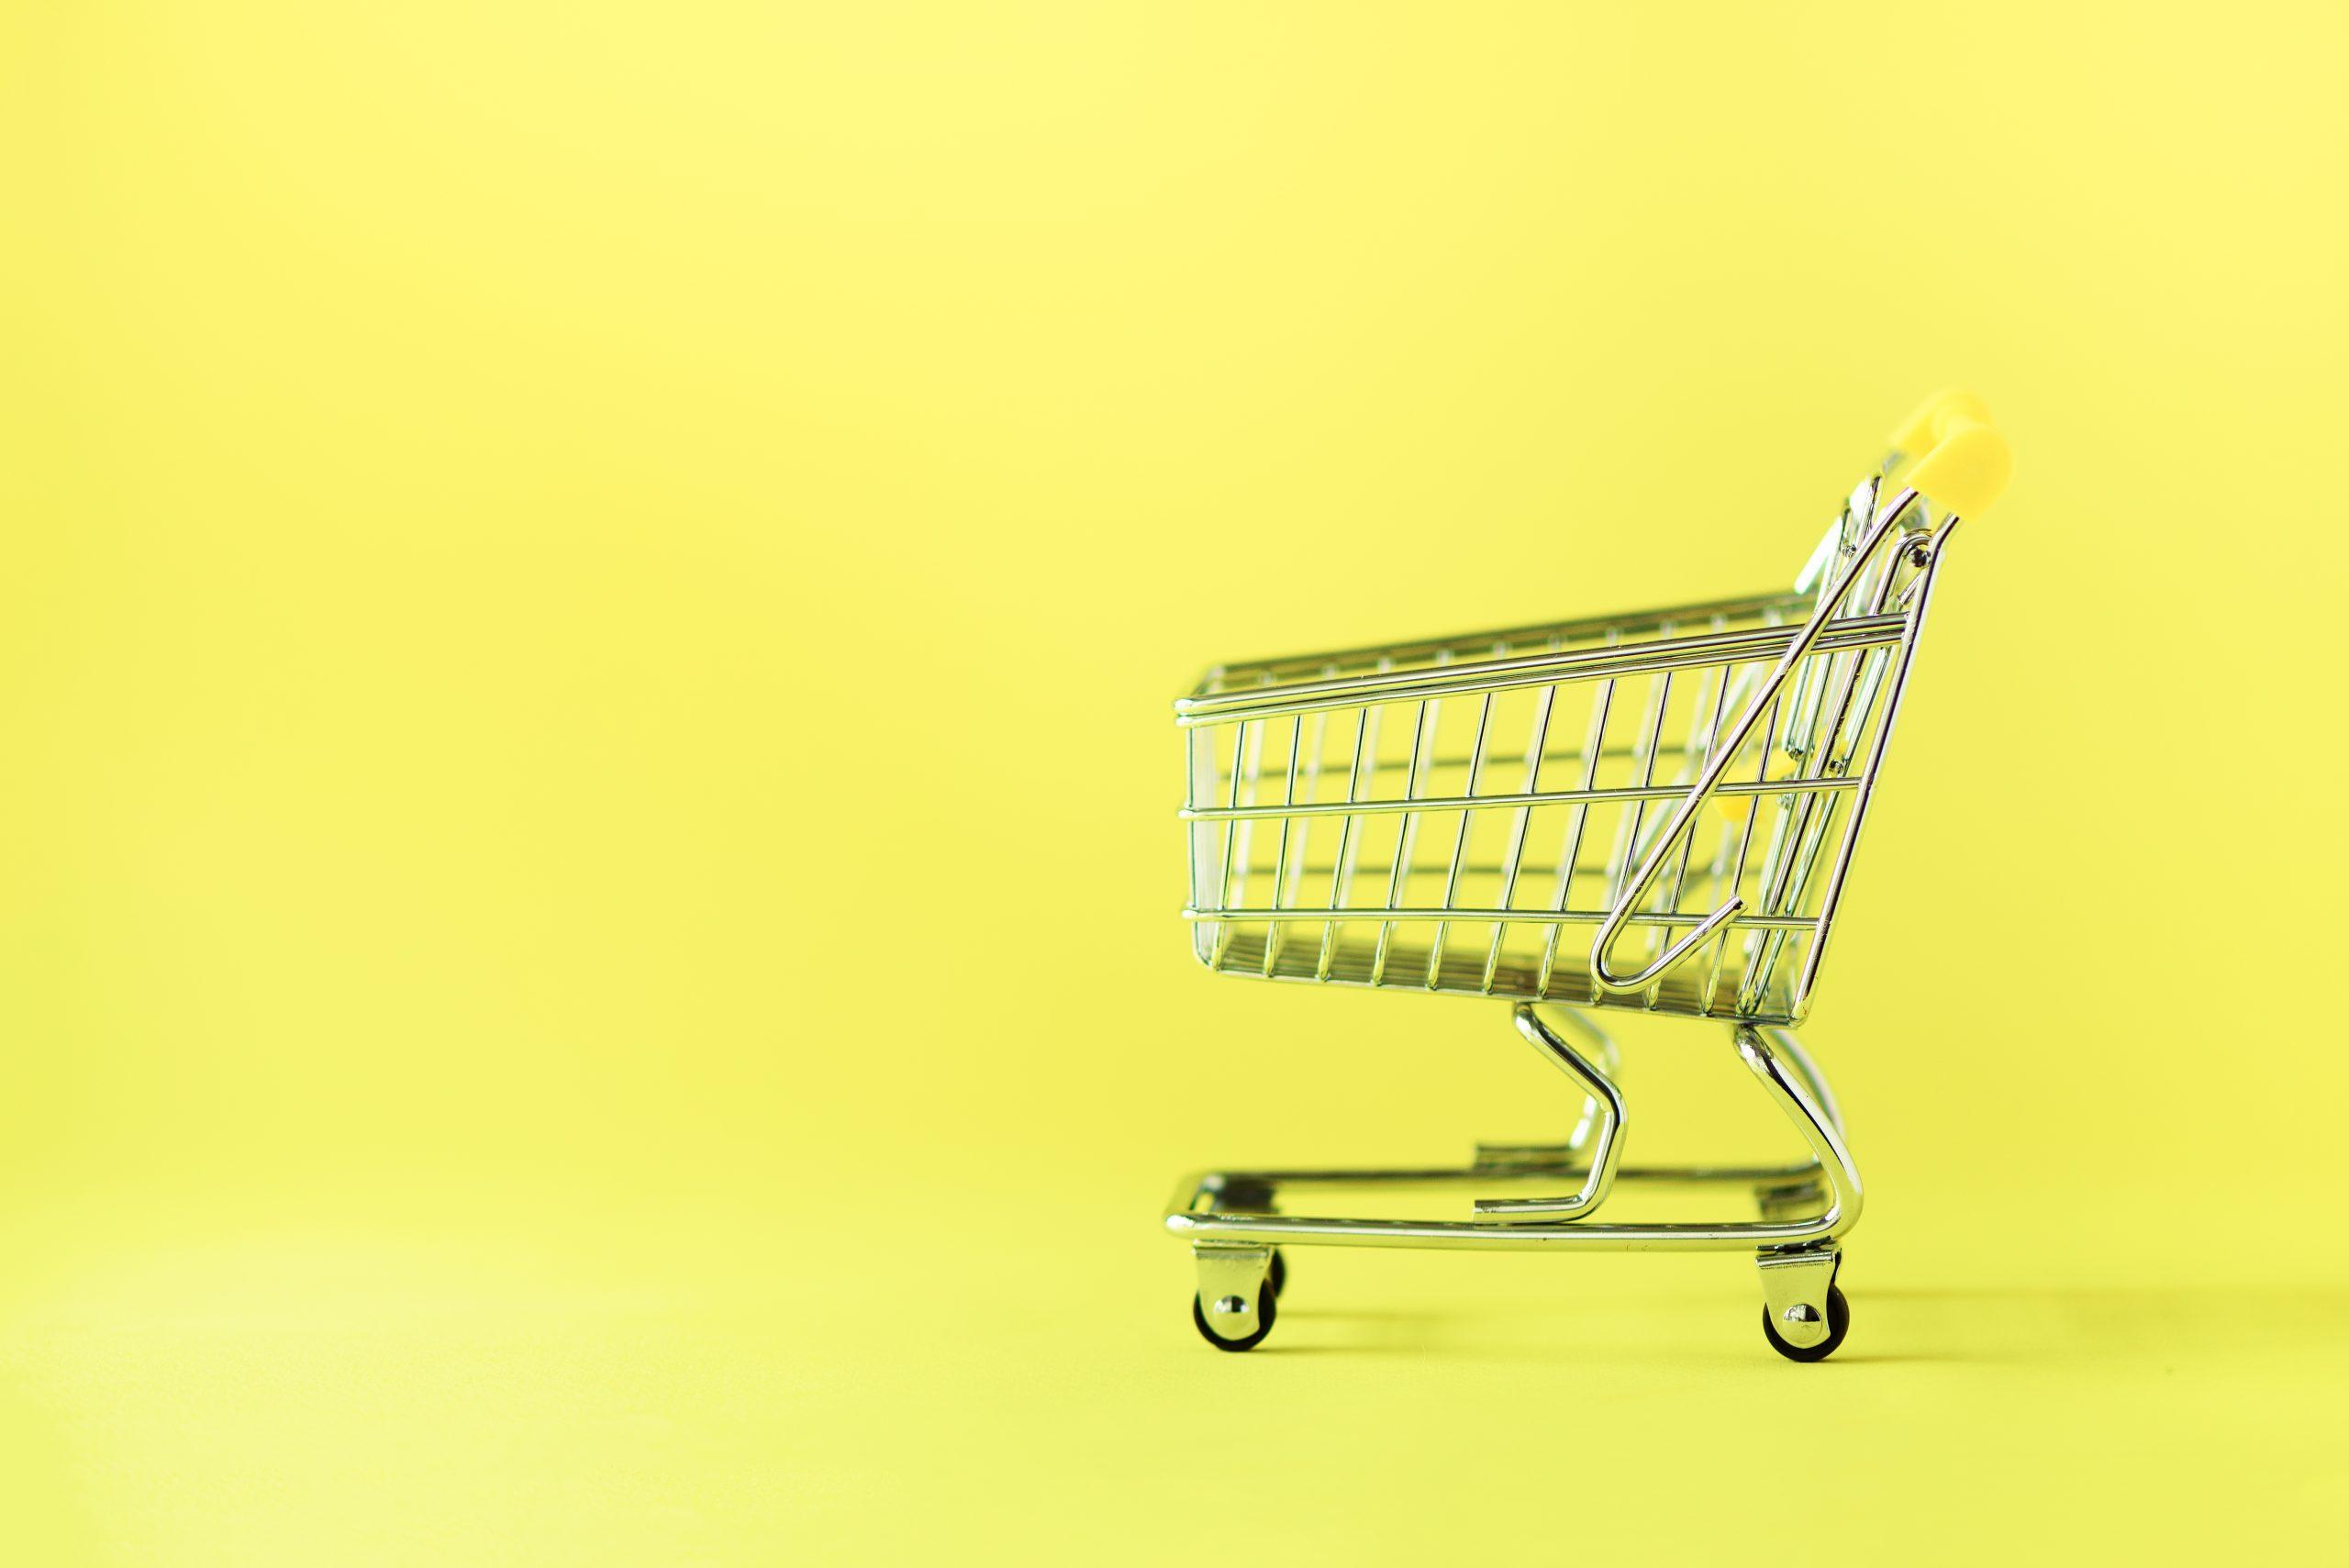 E-Ticarette Nasıl Fark Oluşturabilirsin?